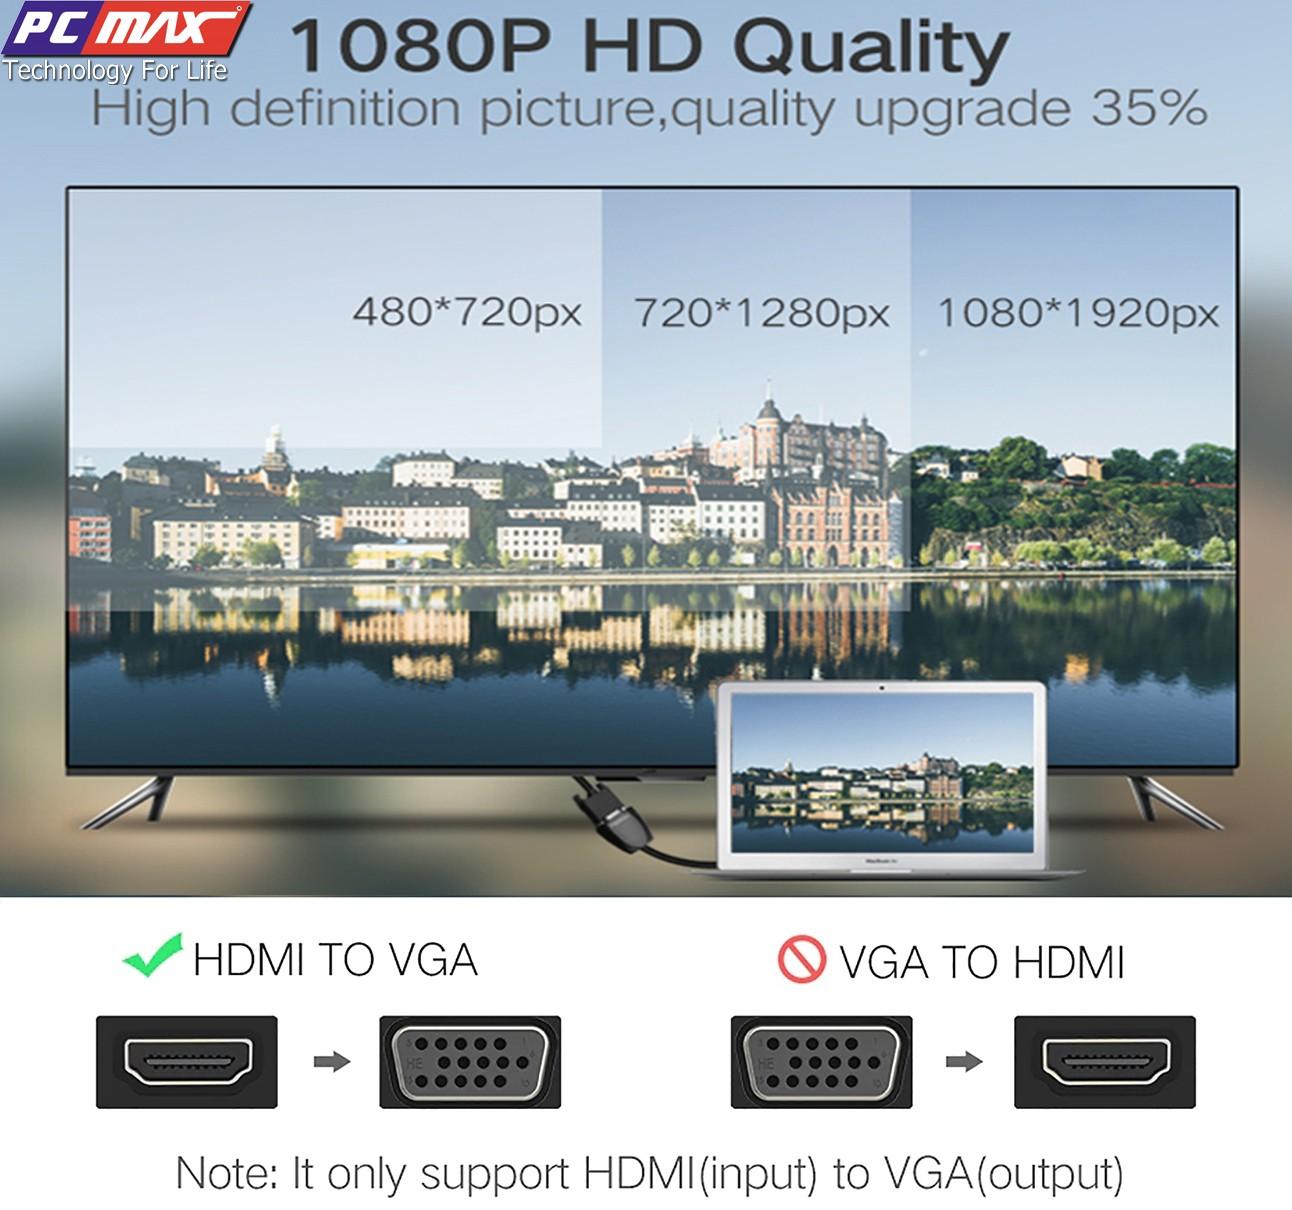 Cáp chuyển đổi HDMI Sang VGA không hỗ trợ audio Ugreen 40253 - Hàng chính hãng